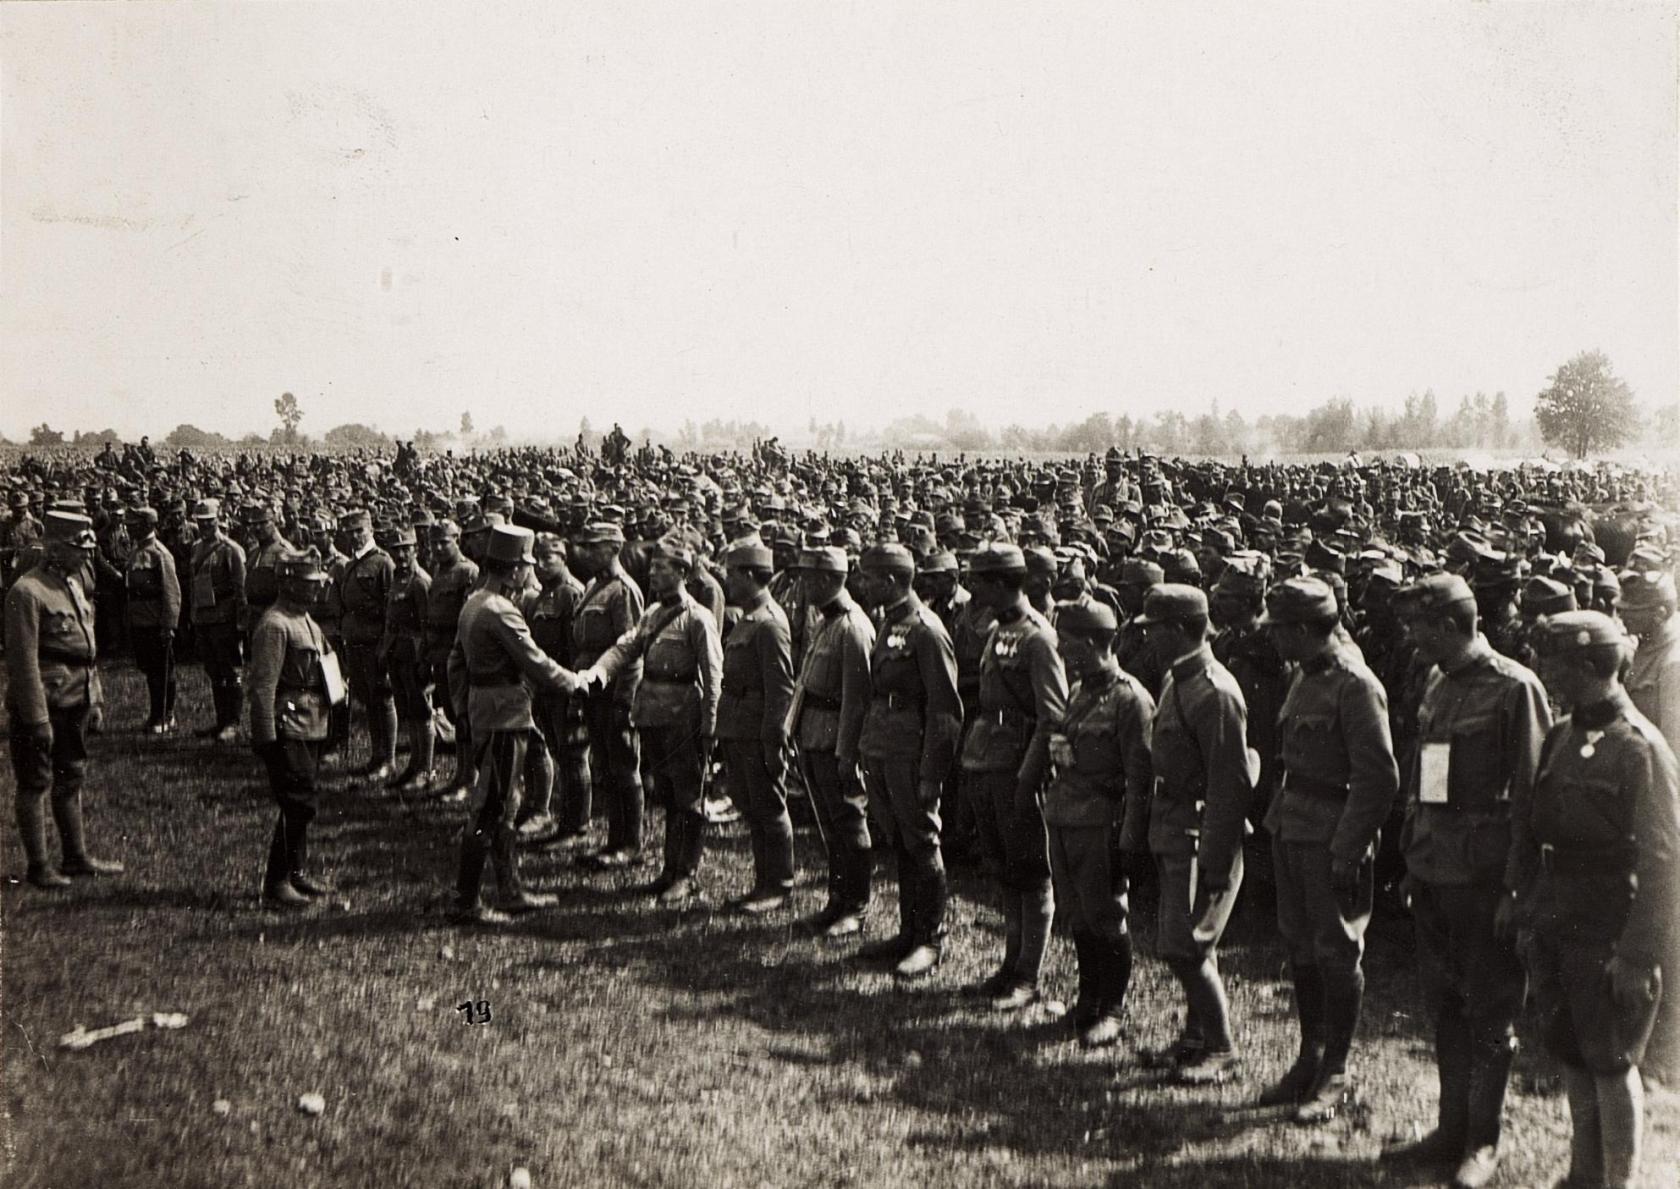 Emperor Karl visits his troops